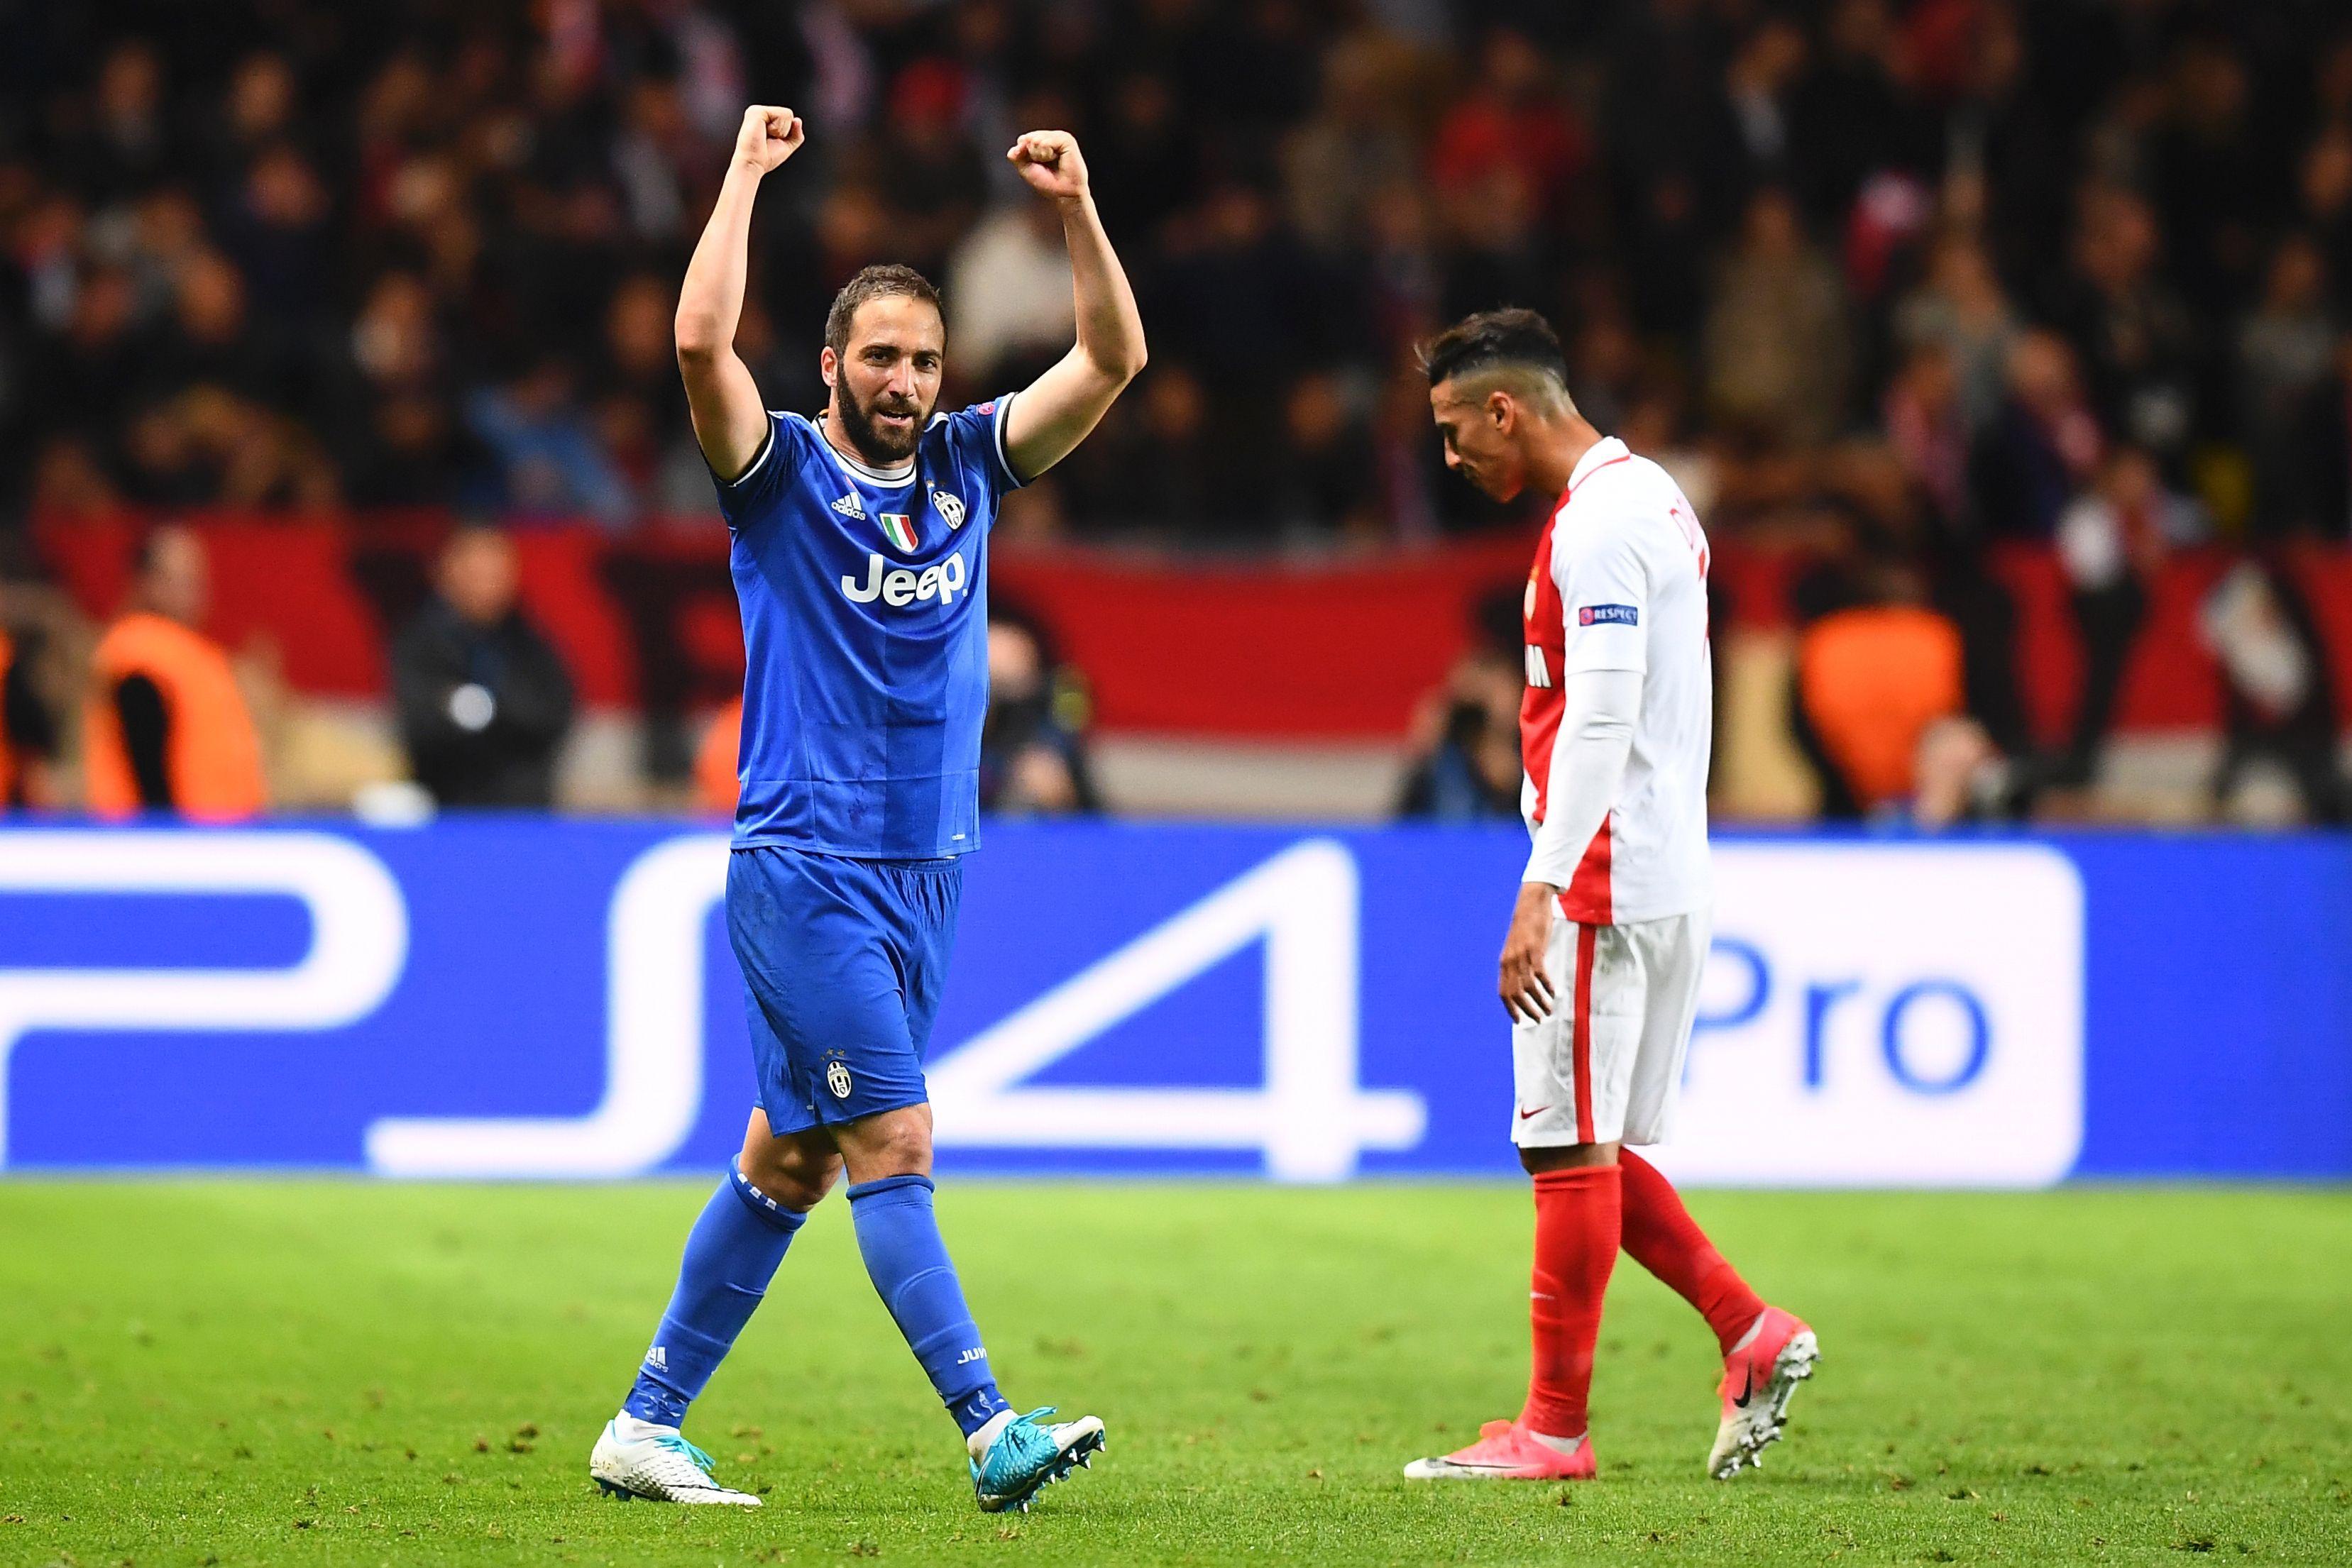 Gonzalo Higuain Monaco Juve Champions League 03052017